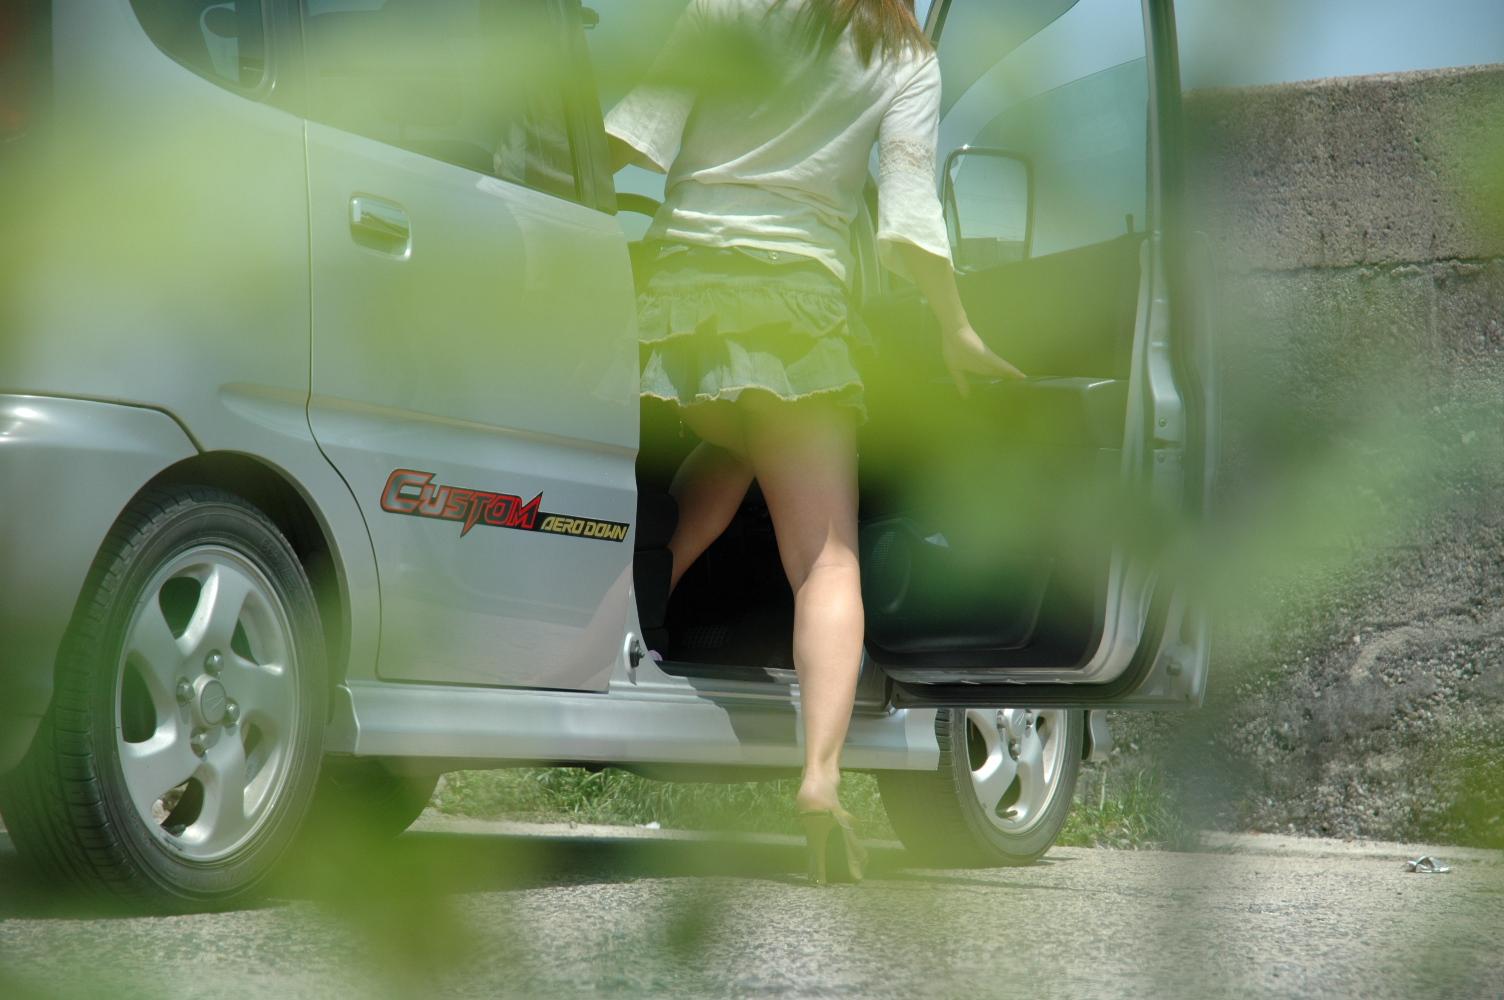 【パンチラ画像】車の乗降時にミニスカ美女が全開でパンチラwww 01